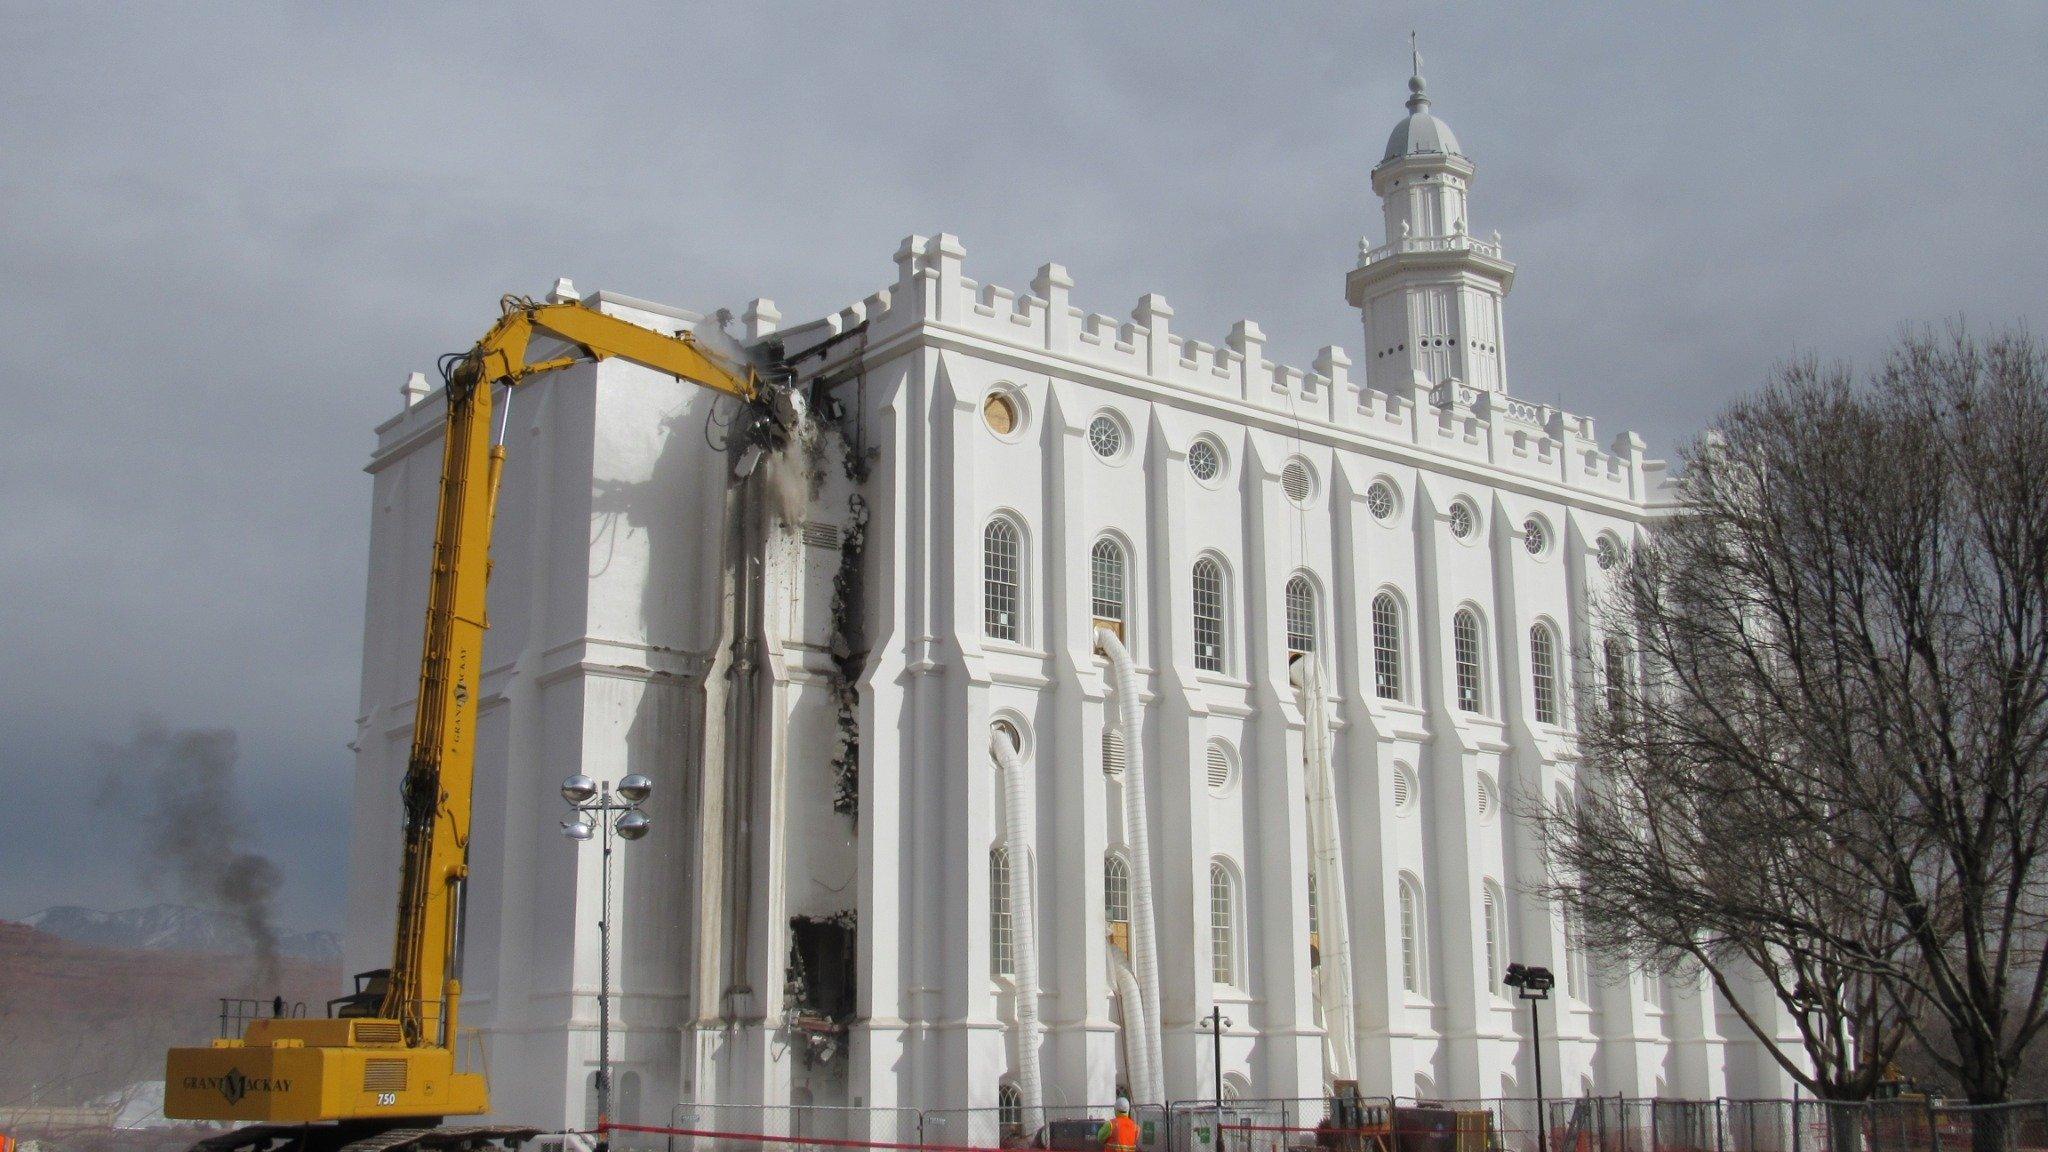 Renovation Work Underway on St. George Utah Temple